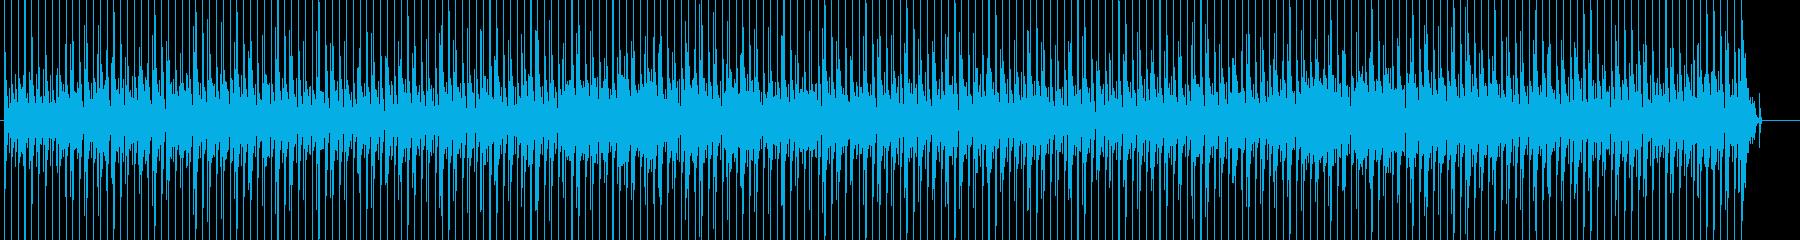 森の生き物が登場・アコースティック曲の再生済みの波形